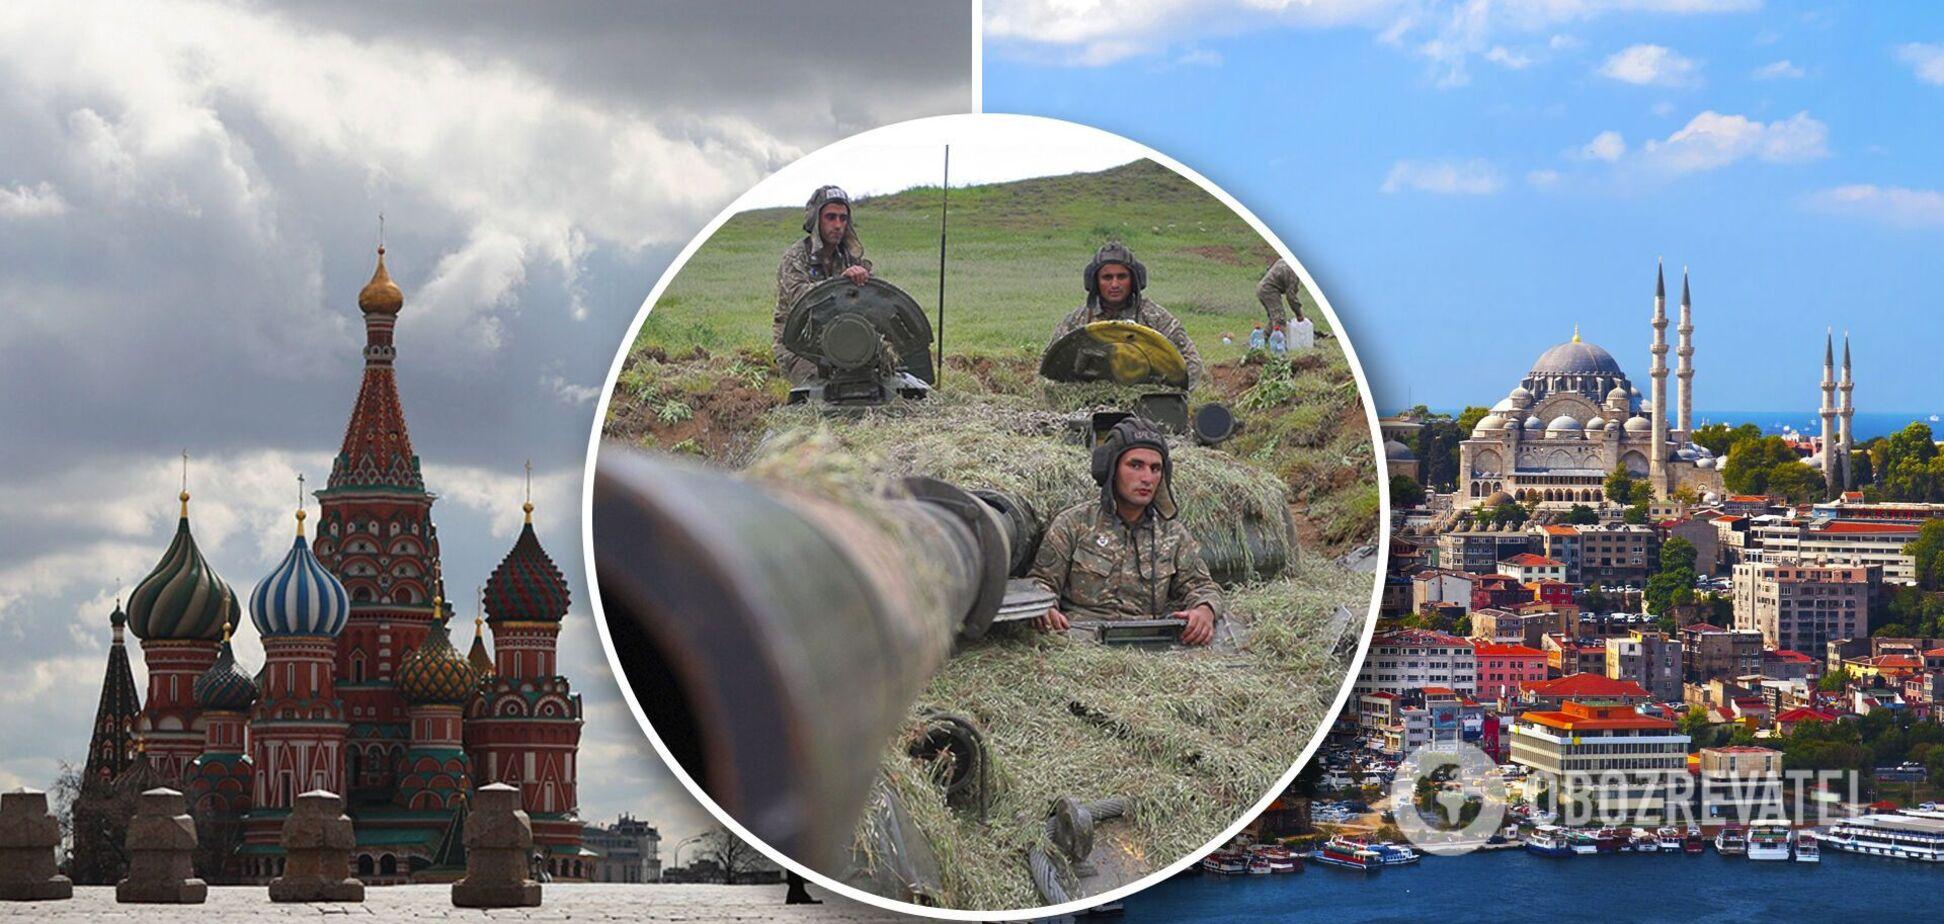 Туреччина та Росія можуть почати війну за вплив у Нагірному Карабасі? Чи зупинить Захід нову ескалацію у світі